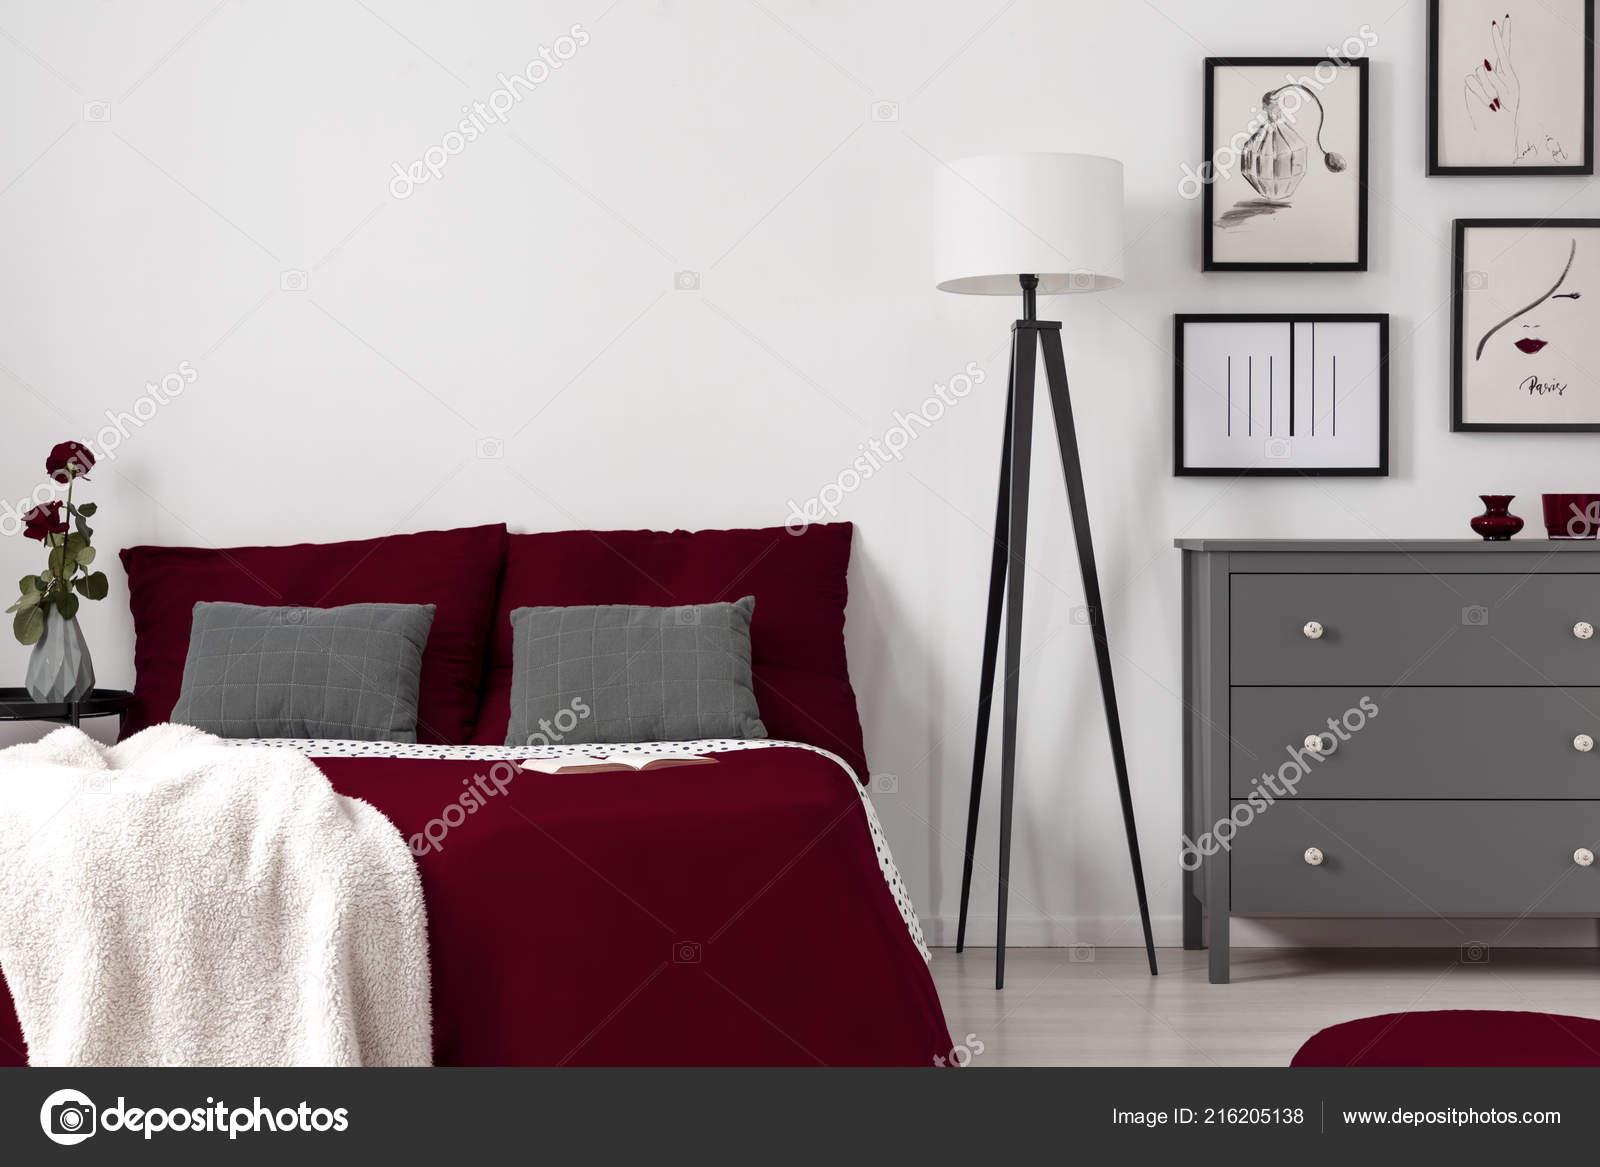 Rote Blatter Auf Einem Bett Lampe Und Kommode Schlafzimmer Innenraum